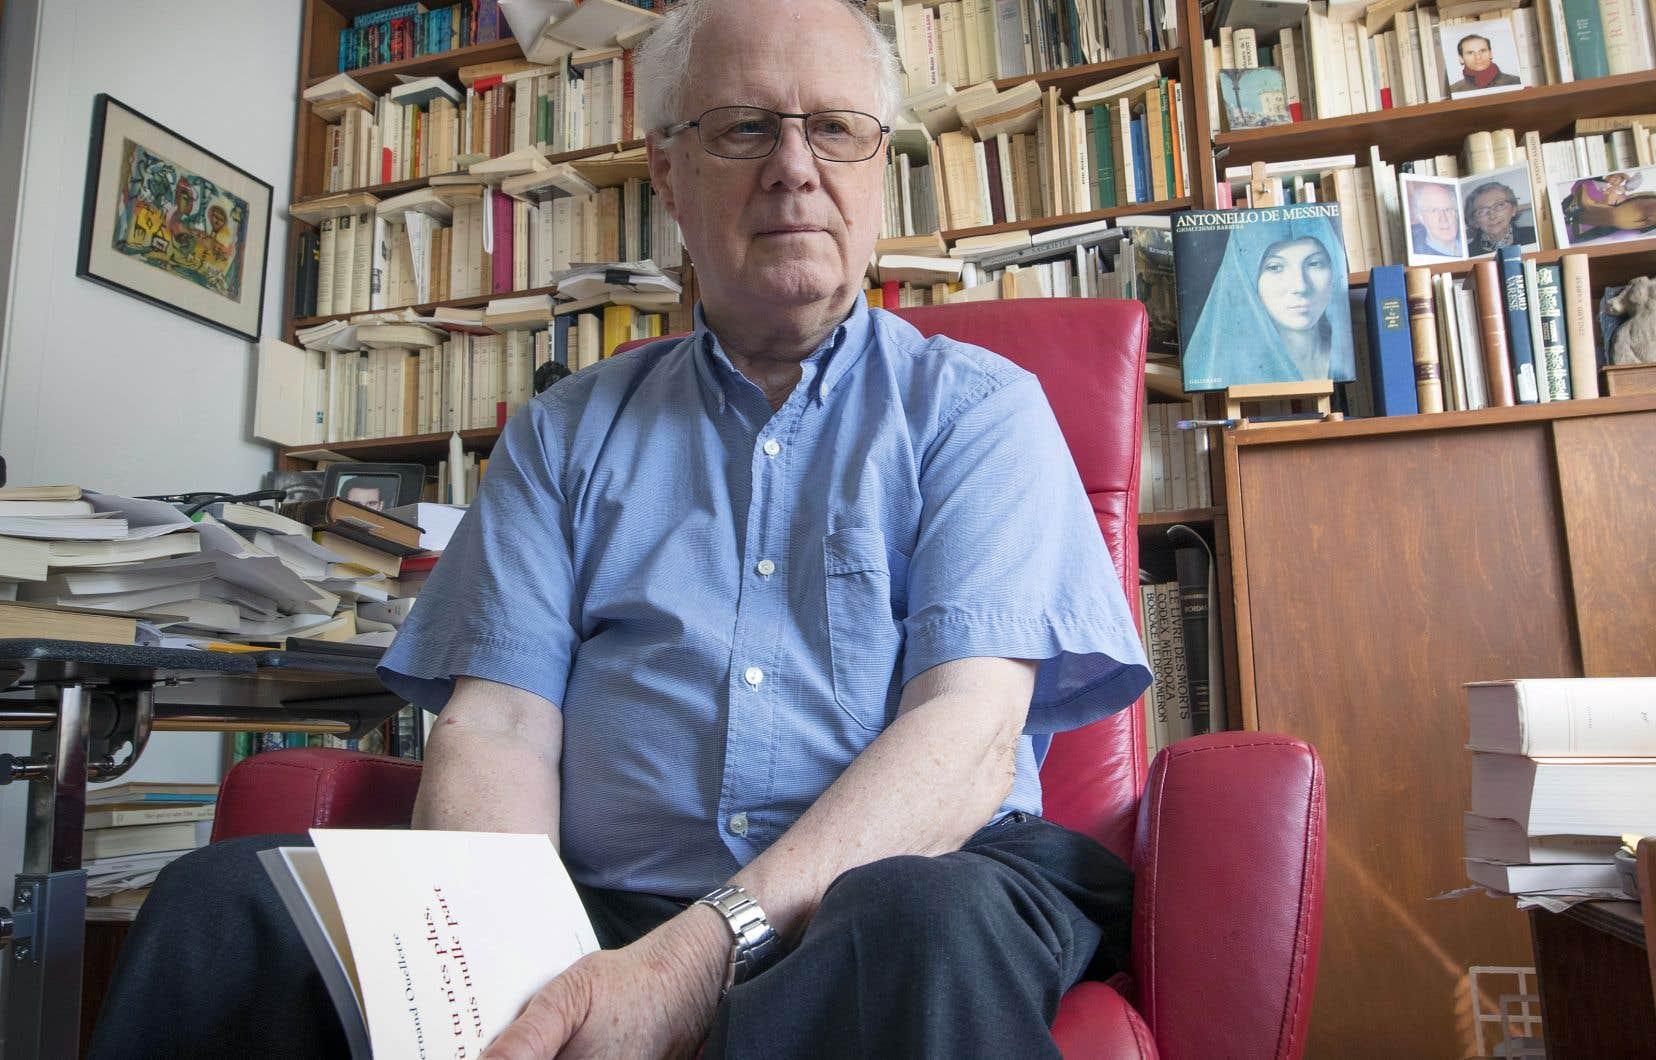 Dans sa maison de Laval, où il a emménagé dans les années 1960, Fernand Ouellette vit entouré des souvenirs glanés au fil d'une vie bien remplie: livres, œuvres d'art de grands maîtres, correspondances avec certains des enfants terribles de la littérature.